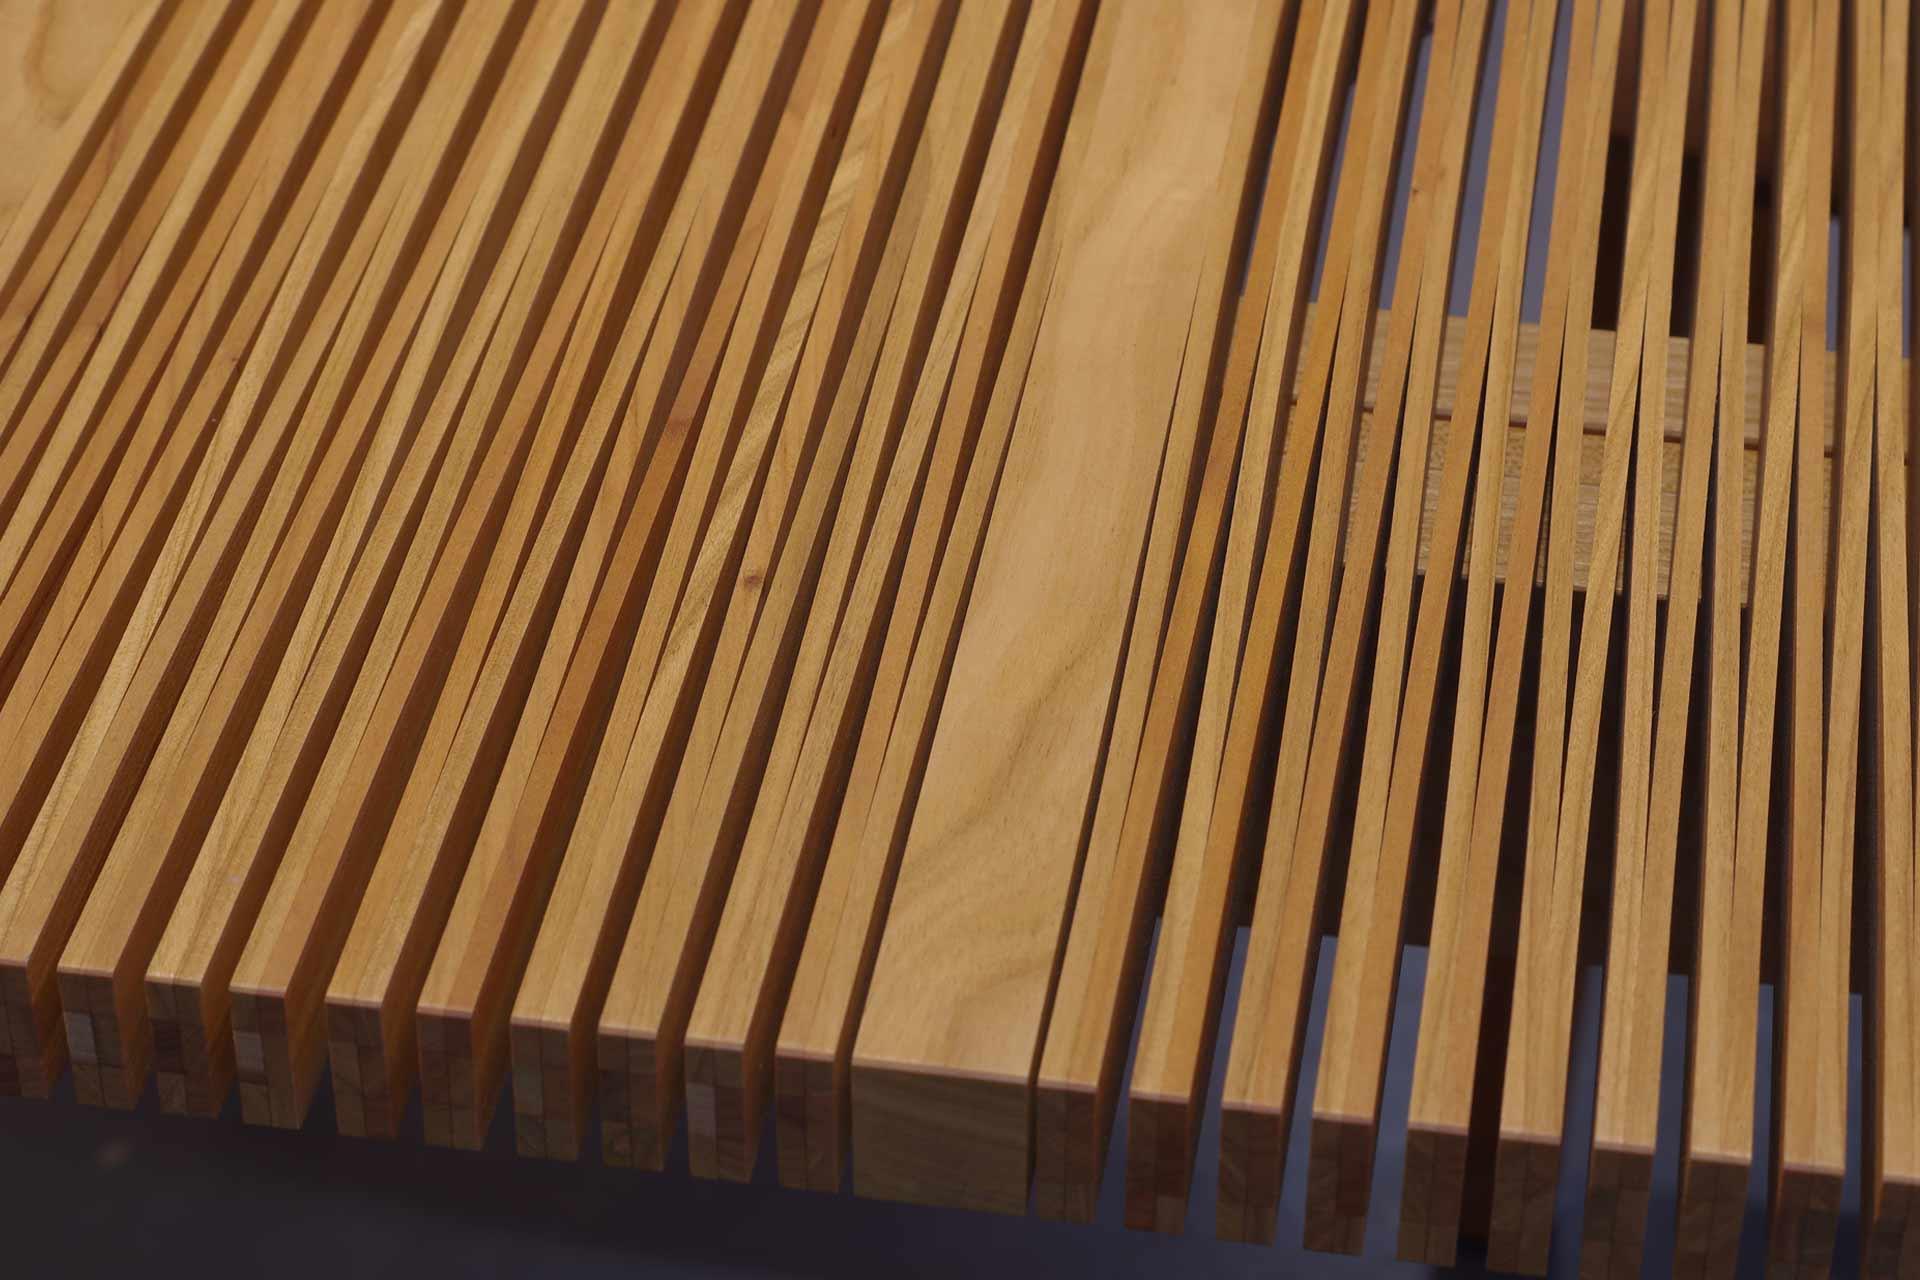 Scherengitter zur Tischerweiterung